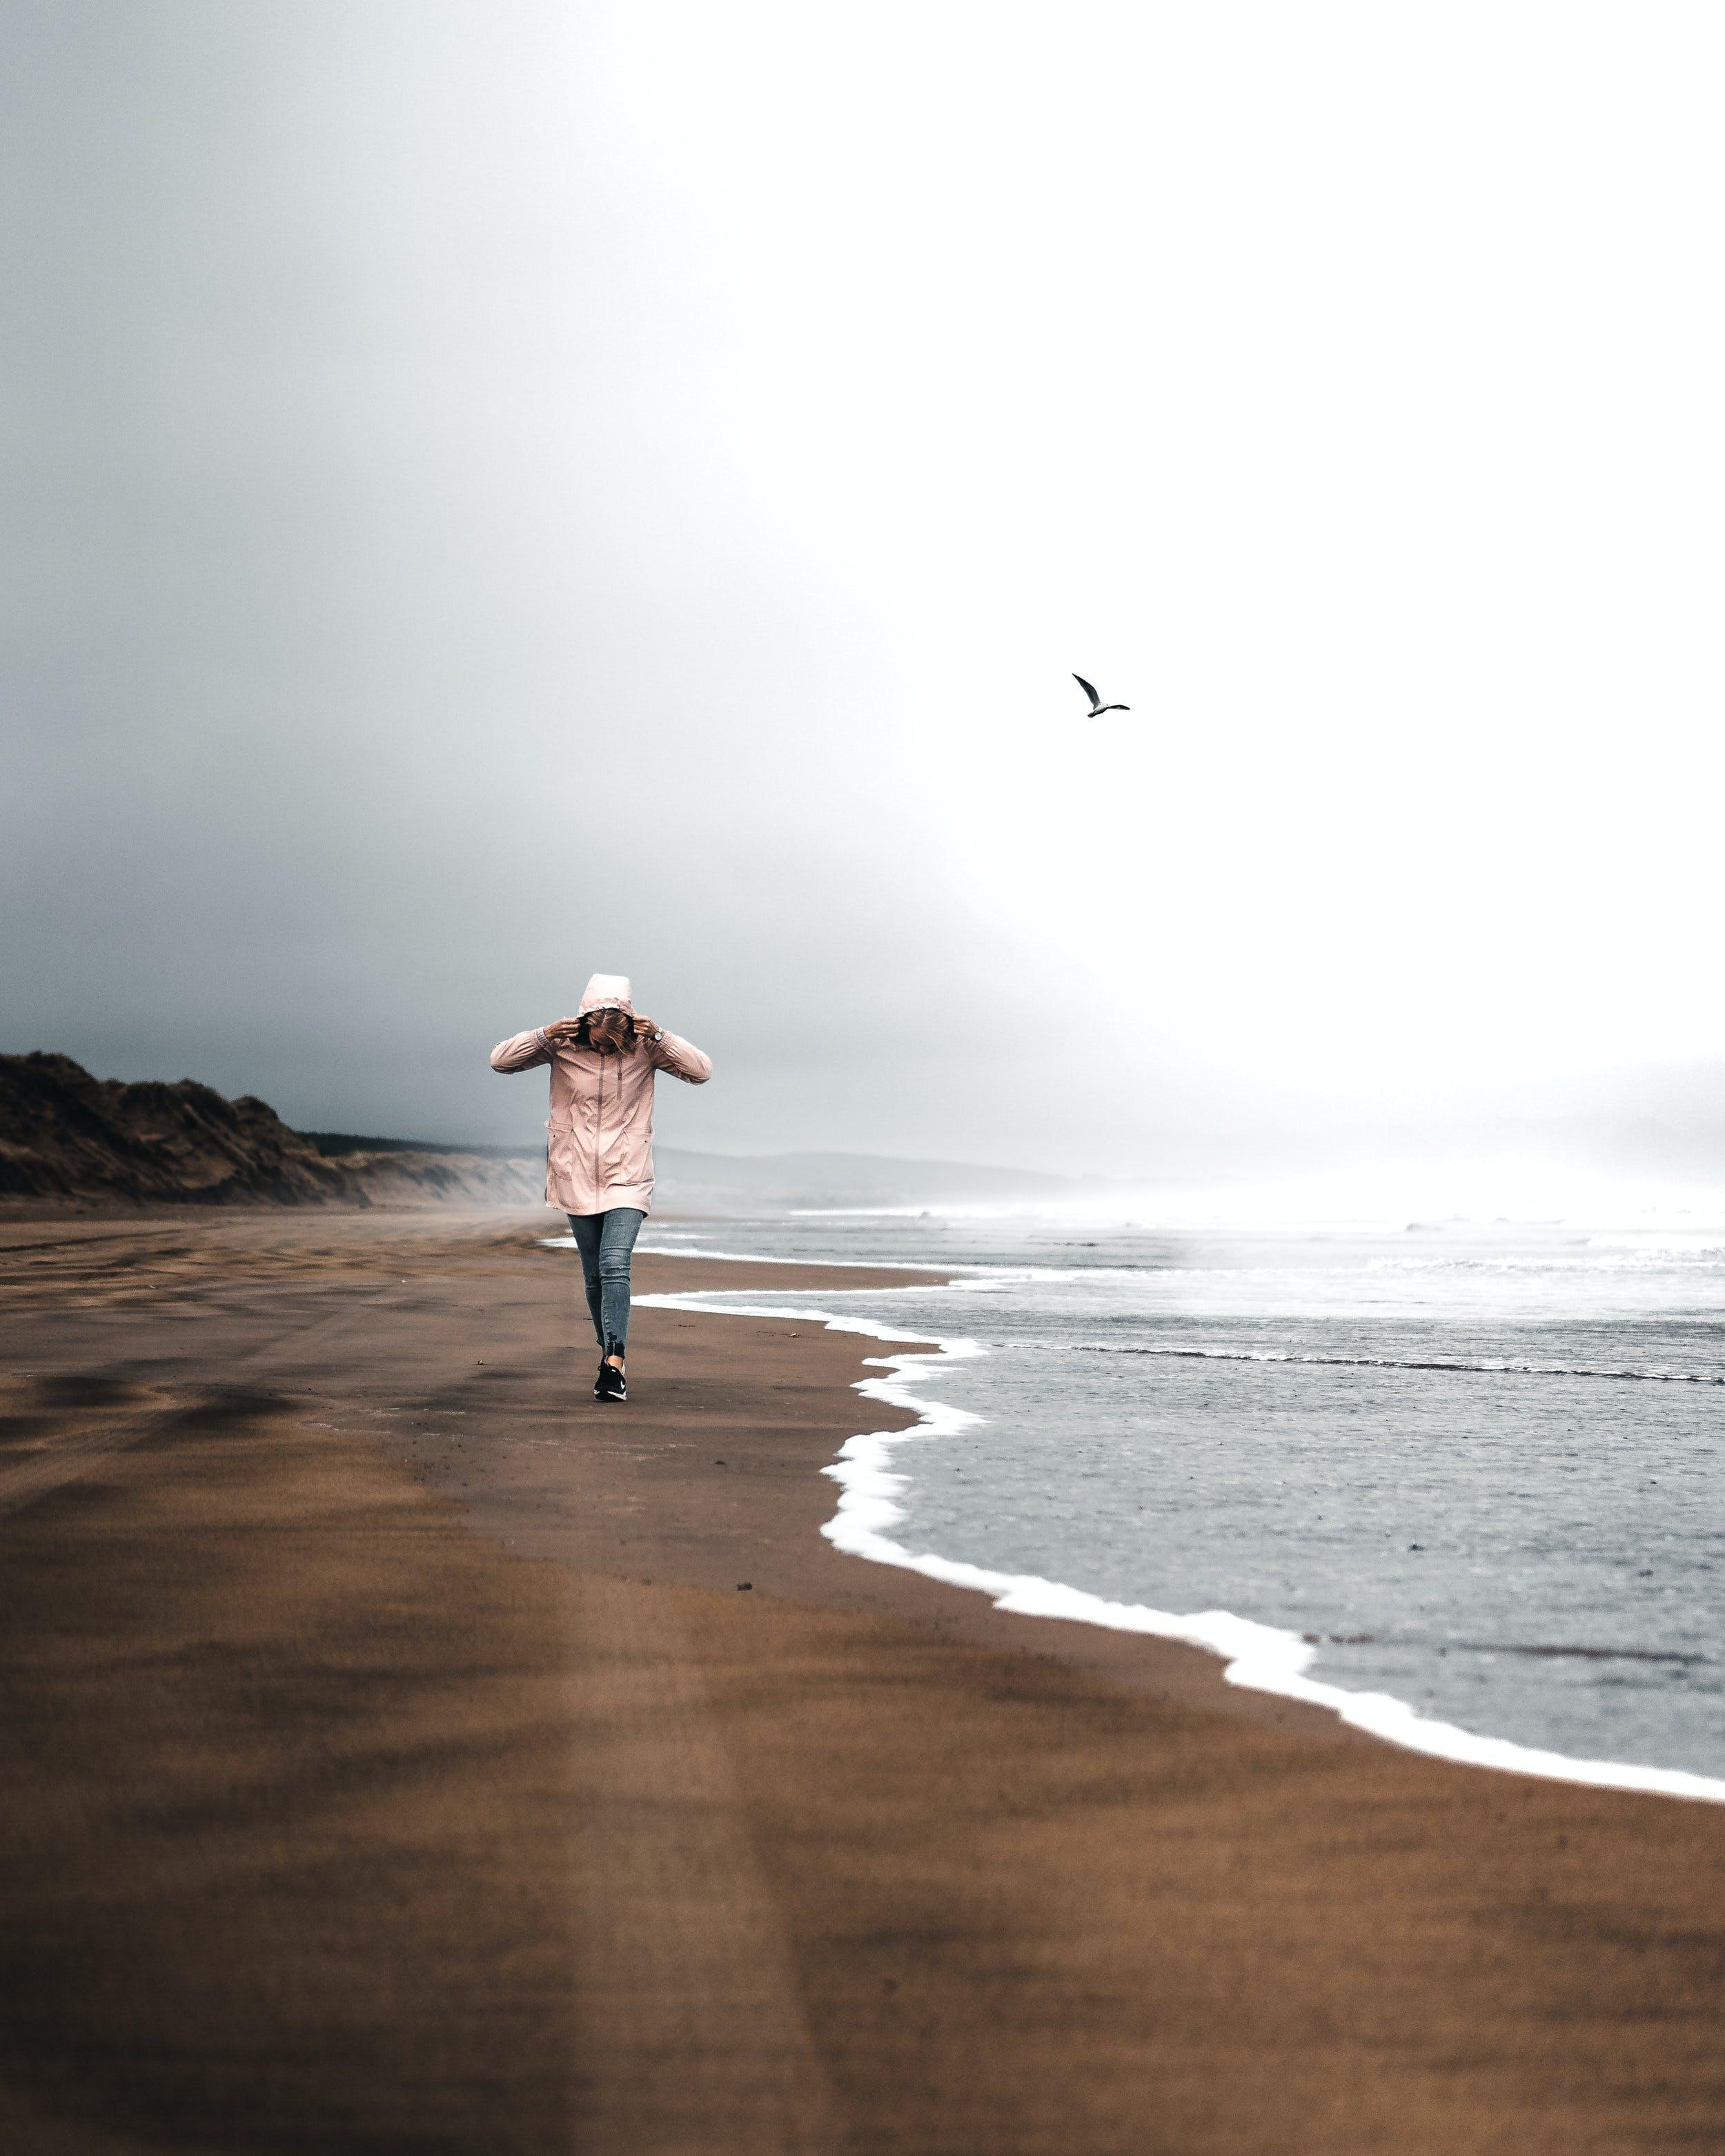 aşındırmak, boş zaman, deniz, esinti içeren Ücretsiz stok fotoğraf